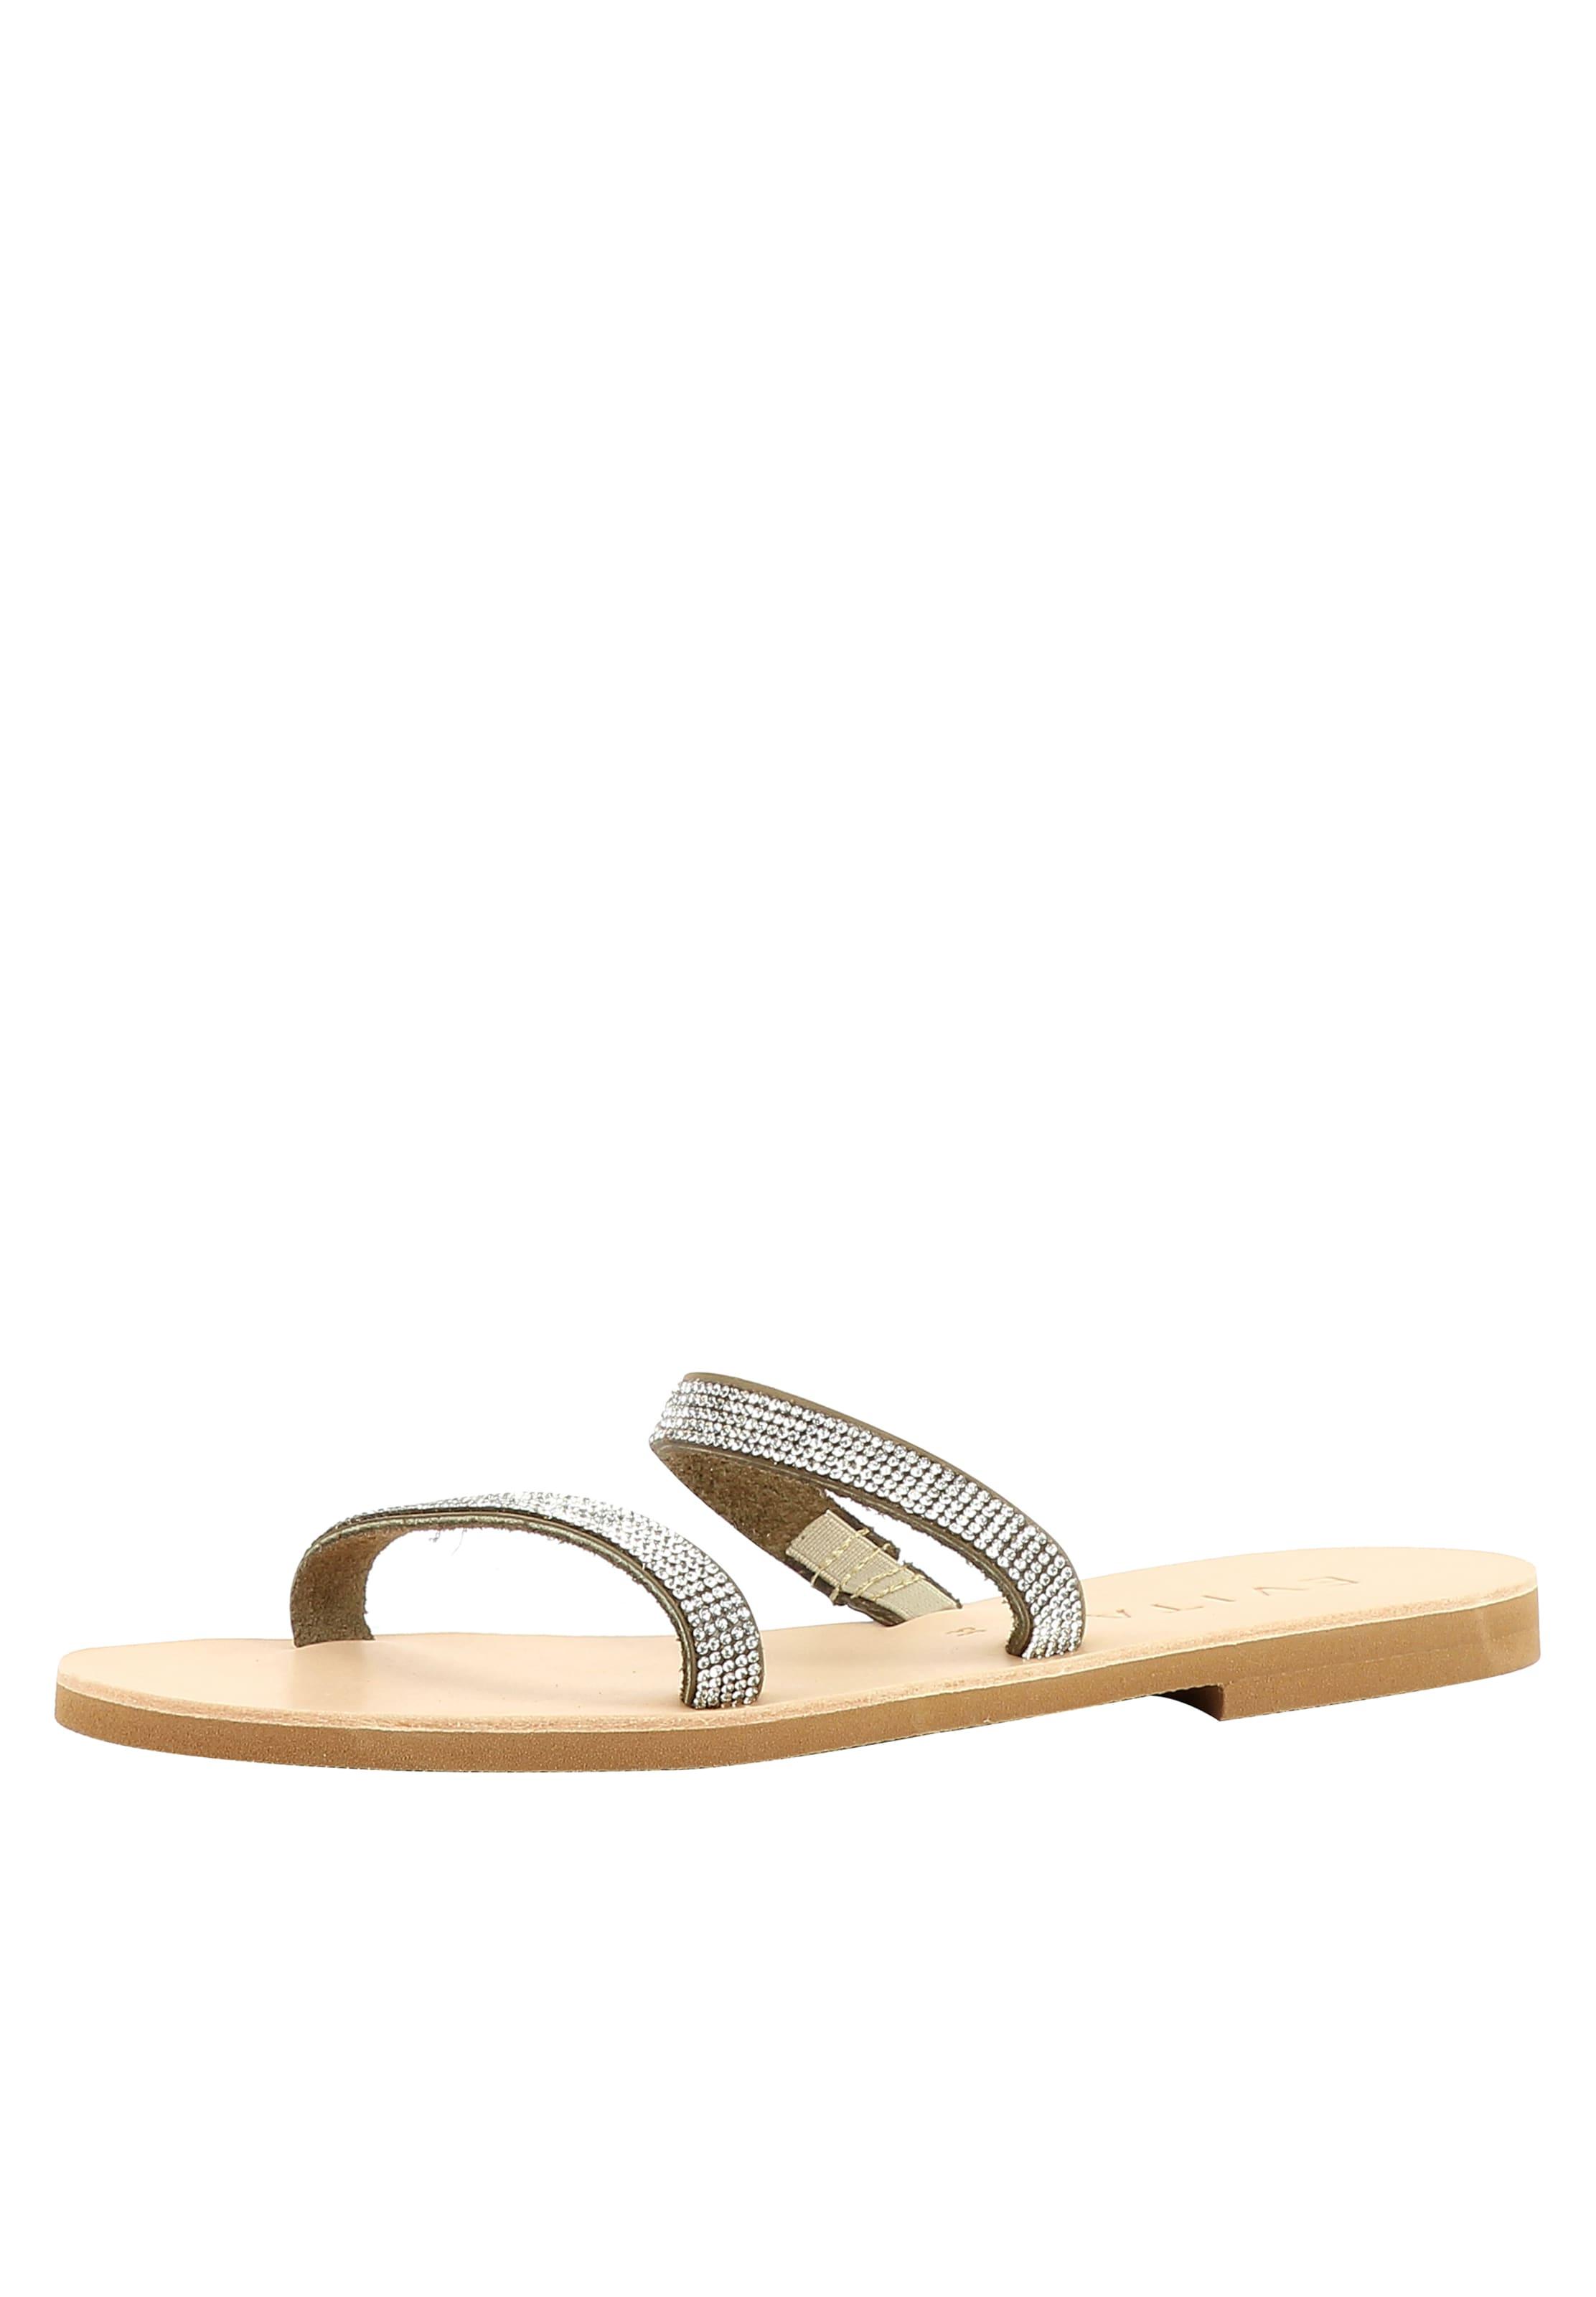 EVITA Sandale Günstige und langlebige Schuhe